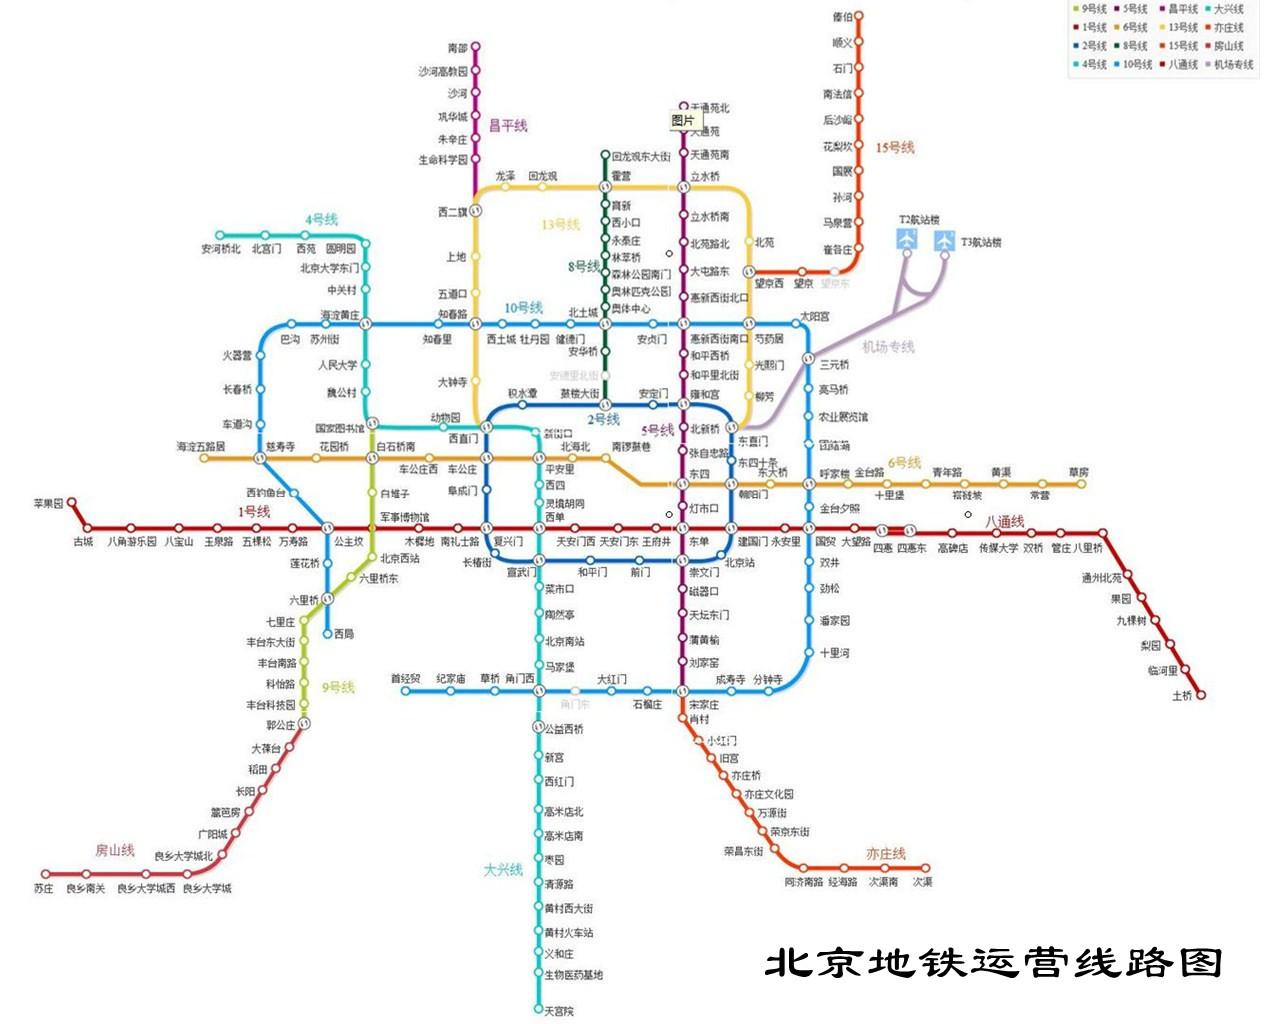 名侦探��ce�l#�al9.9k��.�_北京地铁10号线的准确开通时间(图9)